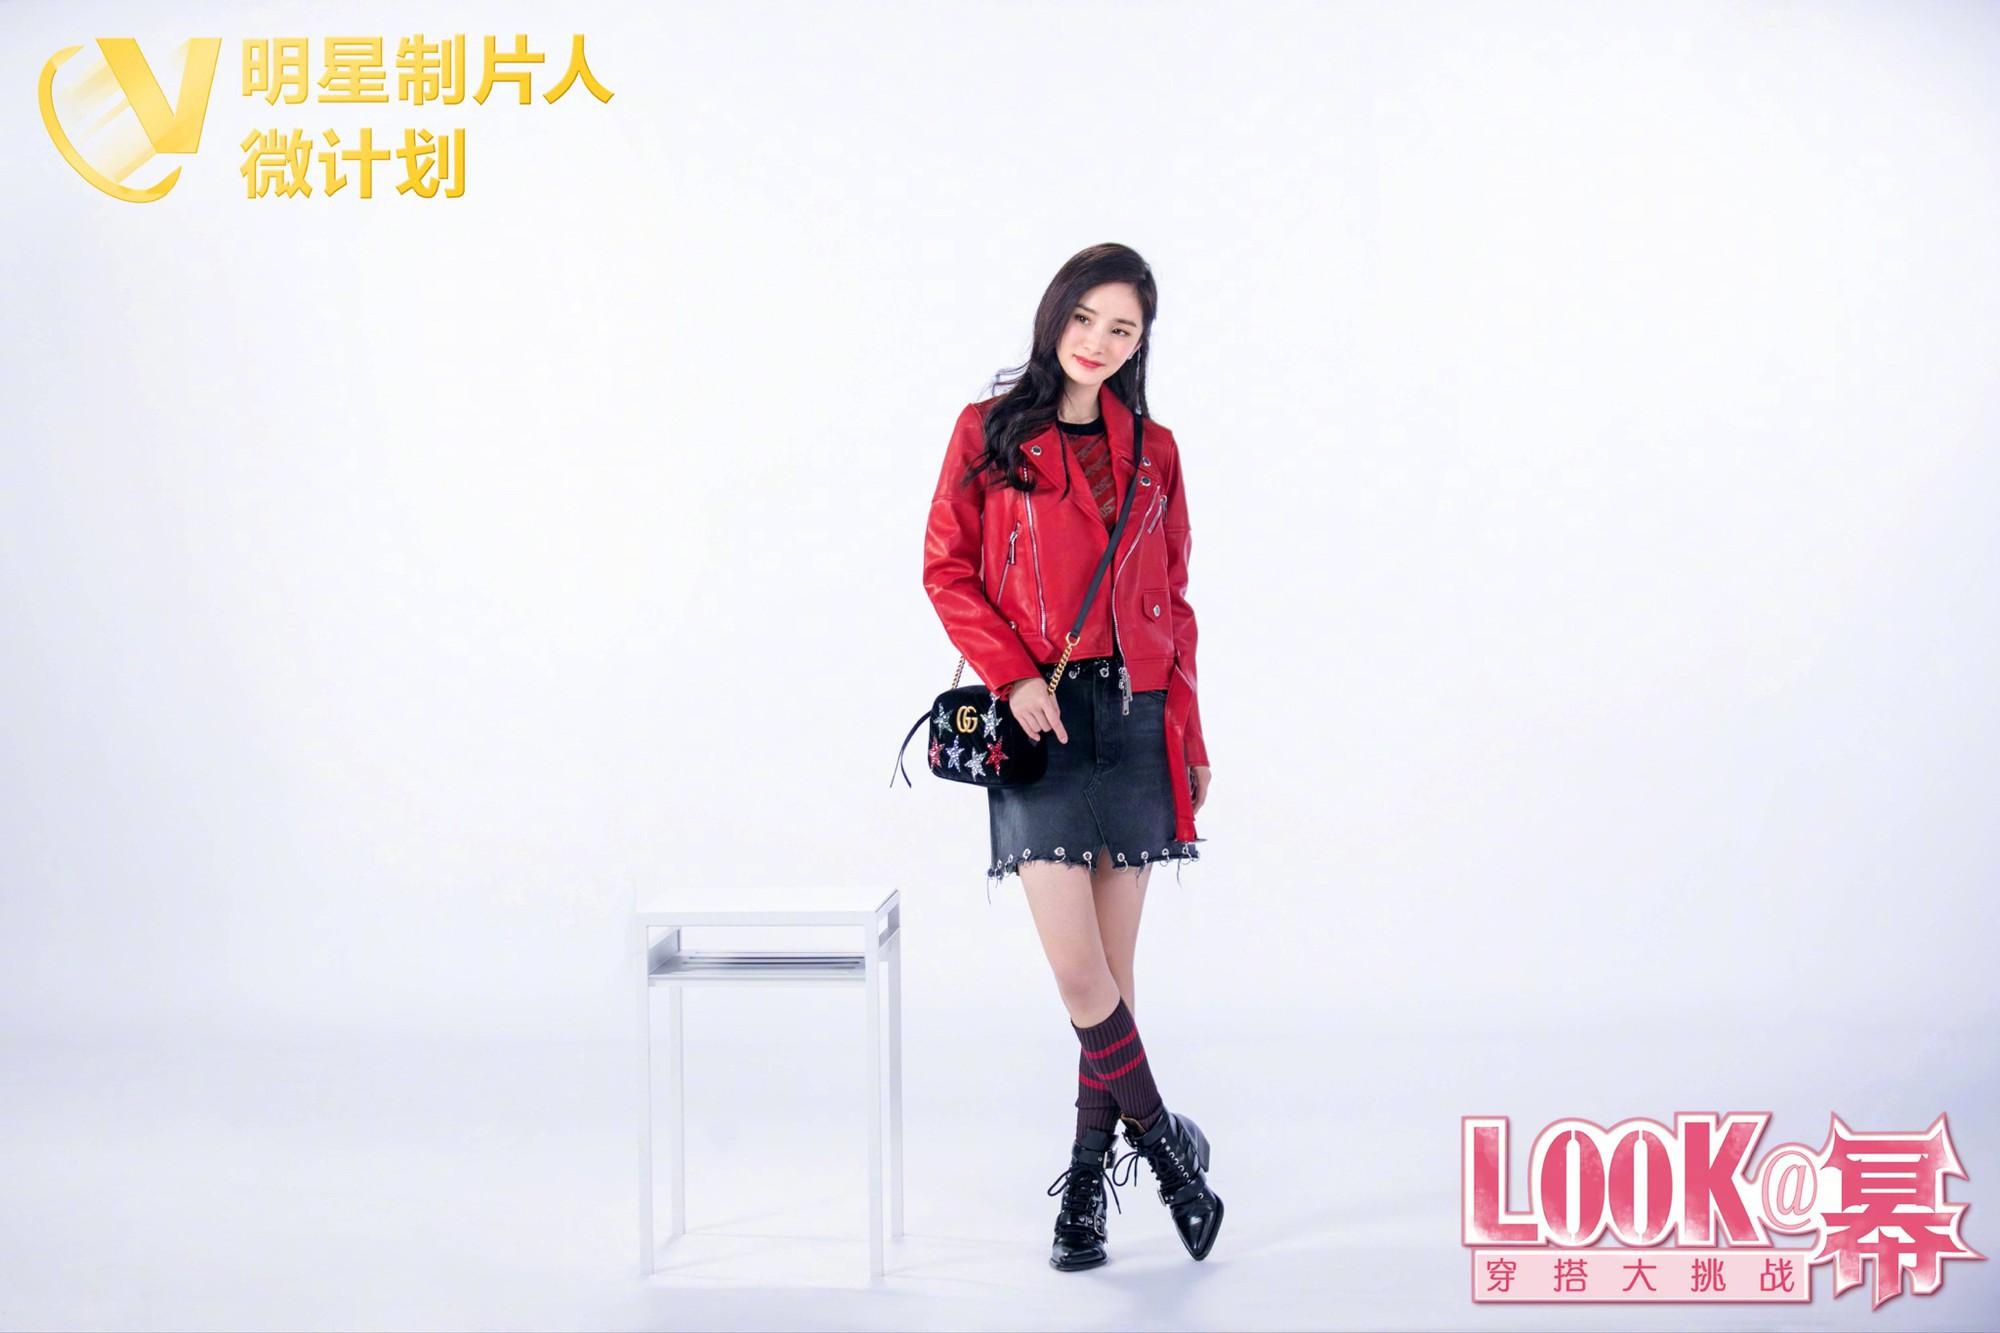 Dương Mịch trổ tài mix đồ trong game show mới, nhưng lại bị chê vì chọn đồ khó mặc - Ảnh 5.